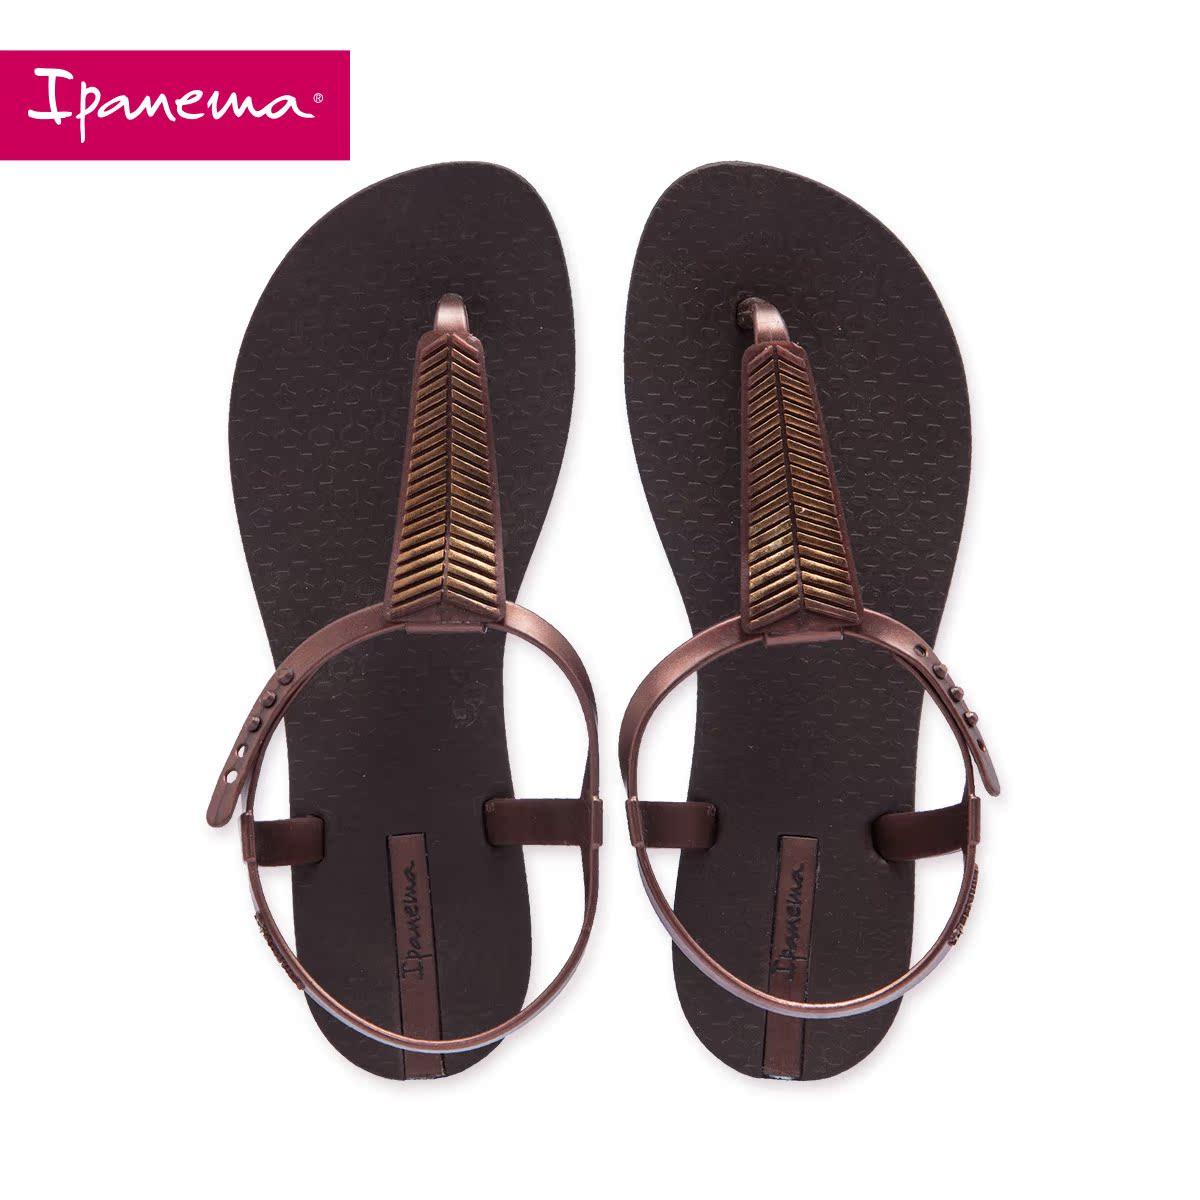 罗马凉鞋 Ipanema凉鞋女夏  平底罗马风人字拖  百搭棕色沙滩鞋_推荐淘宝好看的女罗马凉鞋